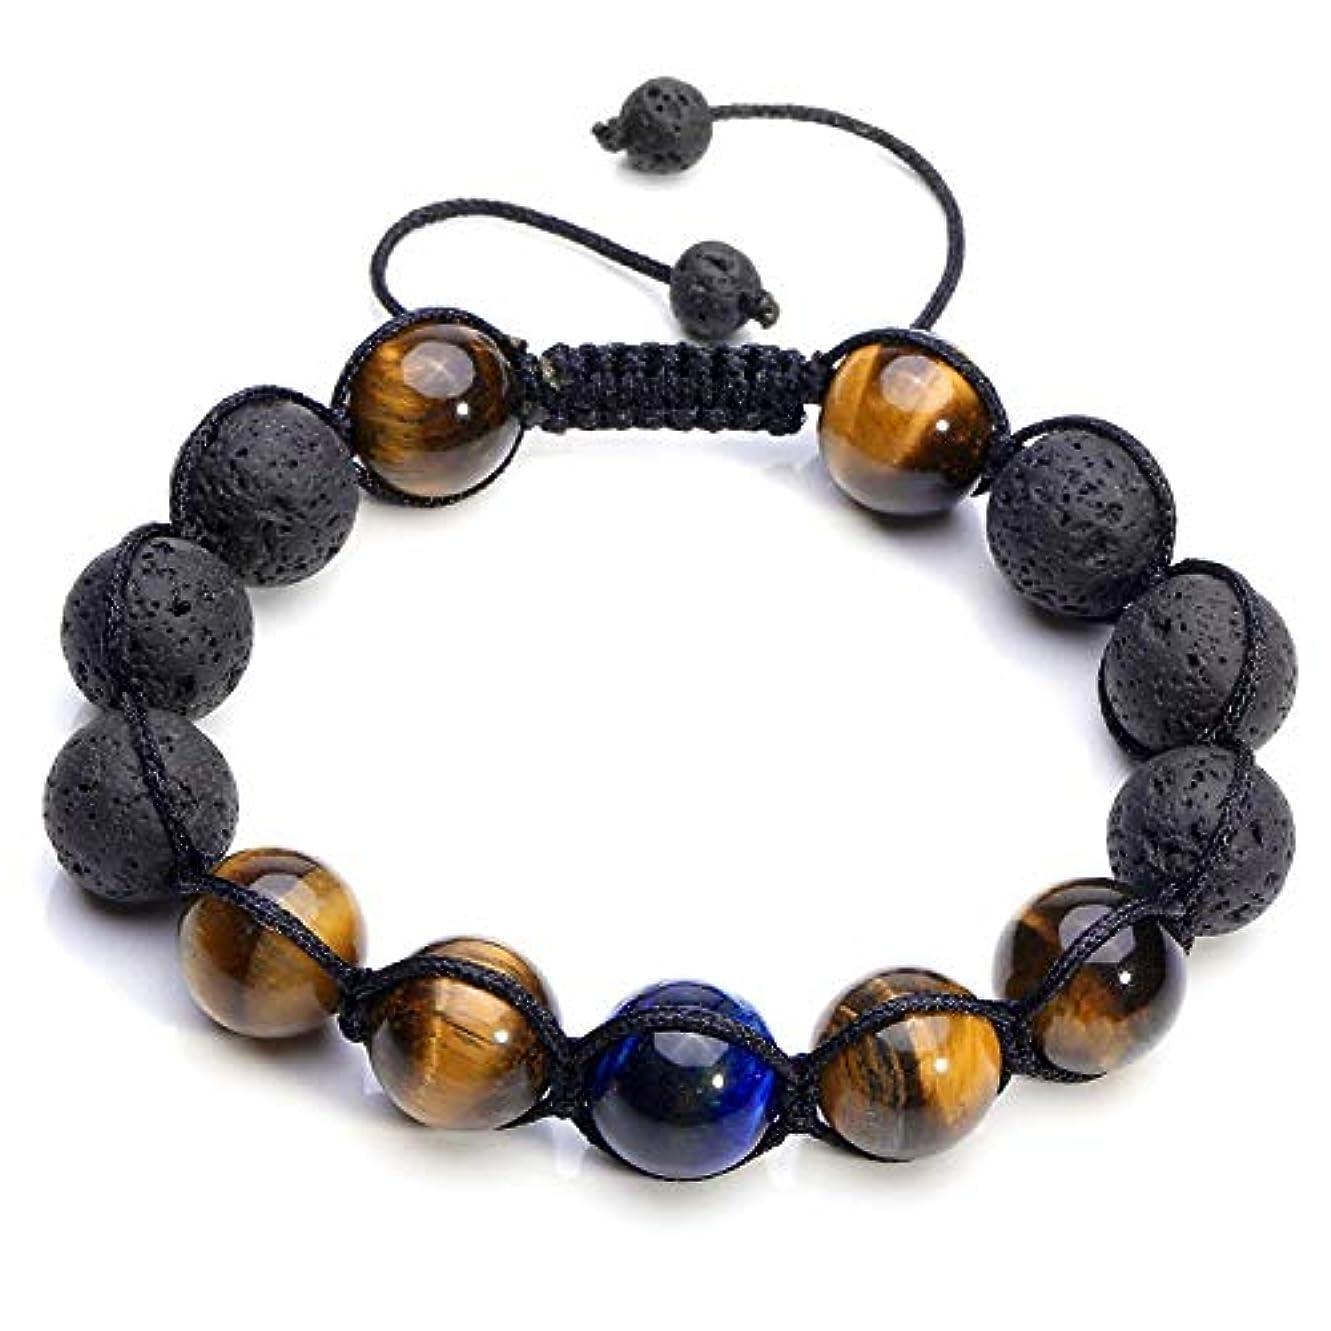 コスチューム書道覚醒crystaltears Adjustable Tiger Eye & Calm Lava Stone Diffuserブレスレット – 瞑想、接地自己自信、アロマセラピー、ヒーリング、エッセンシャルオイル、